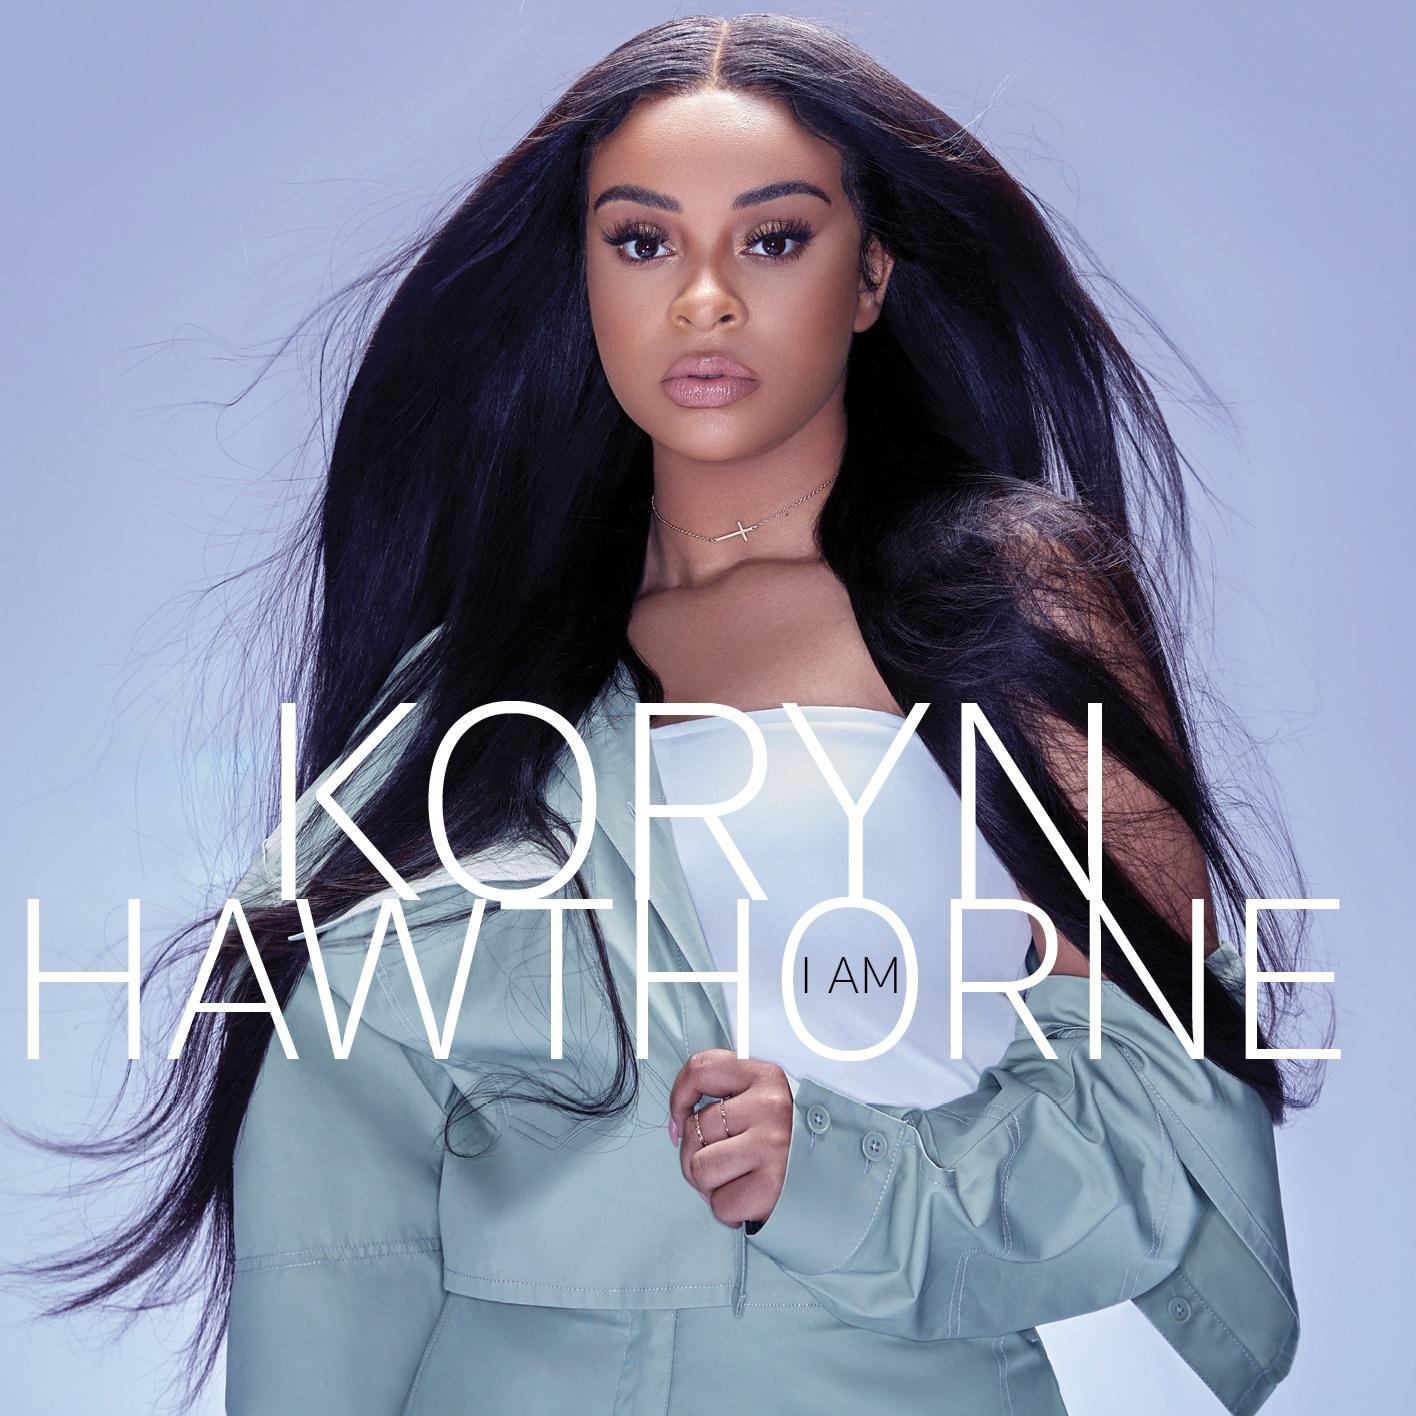 Koryn Hawthorne-I AM-album cover art (final)